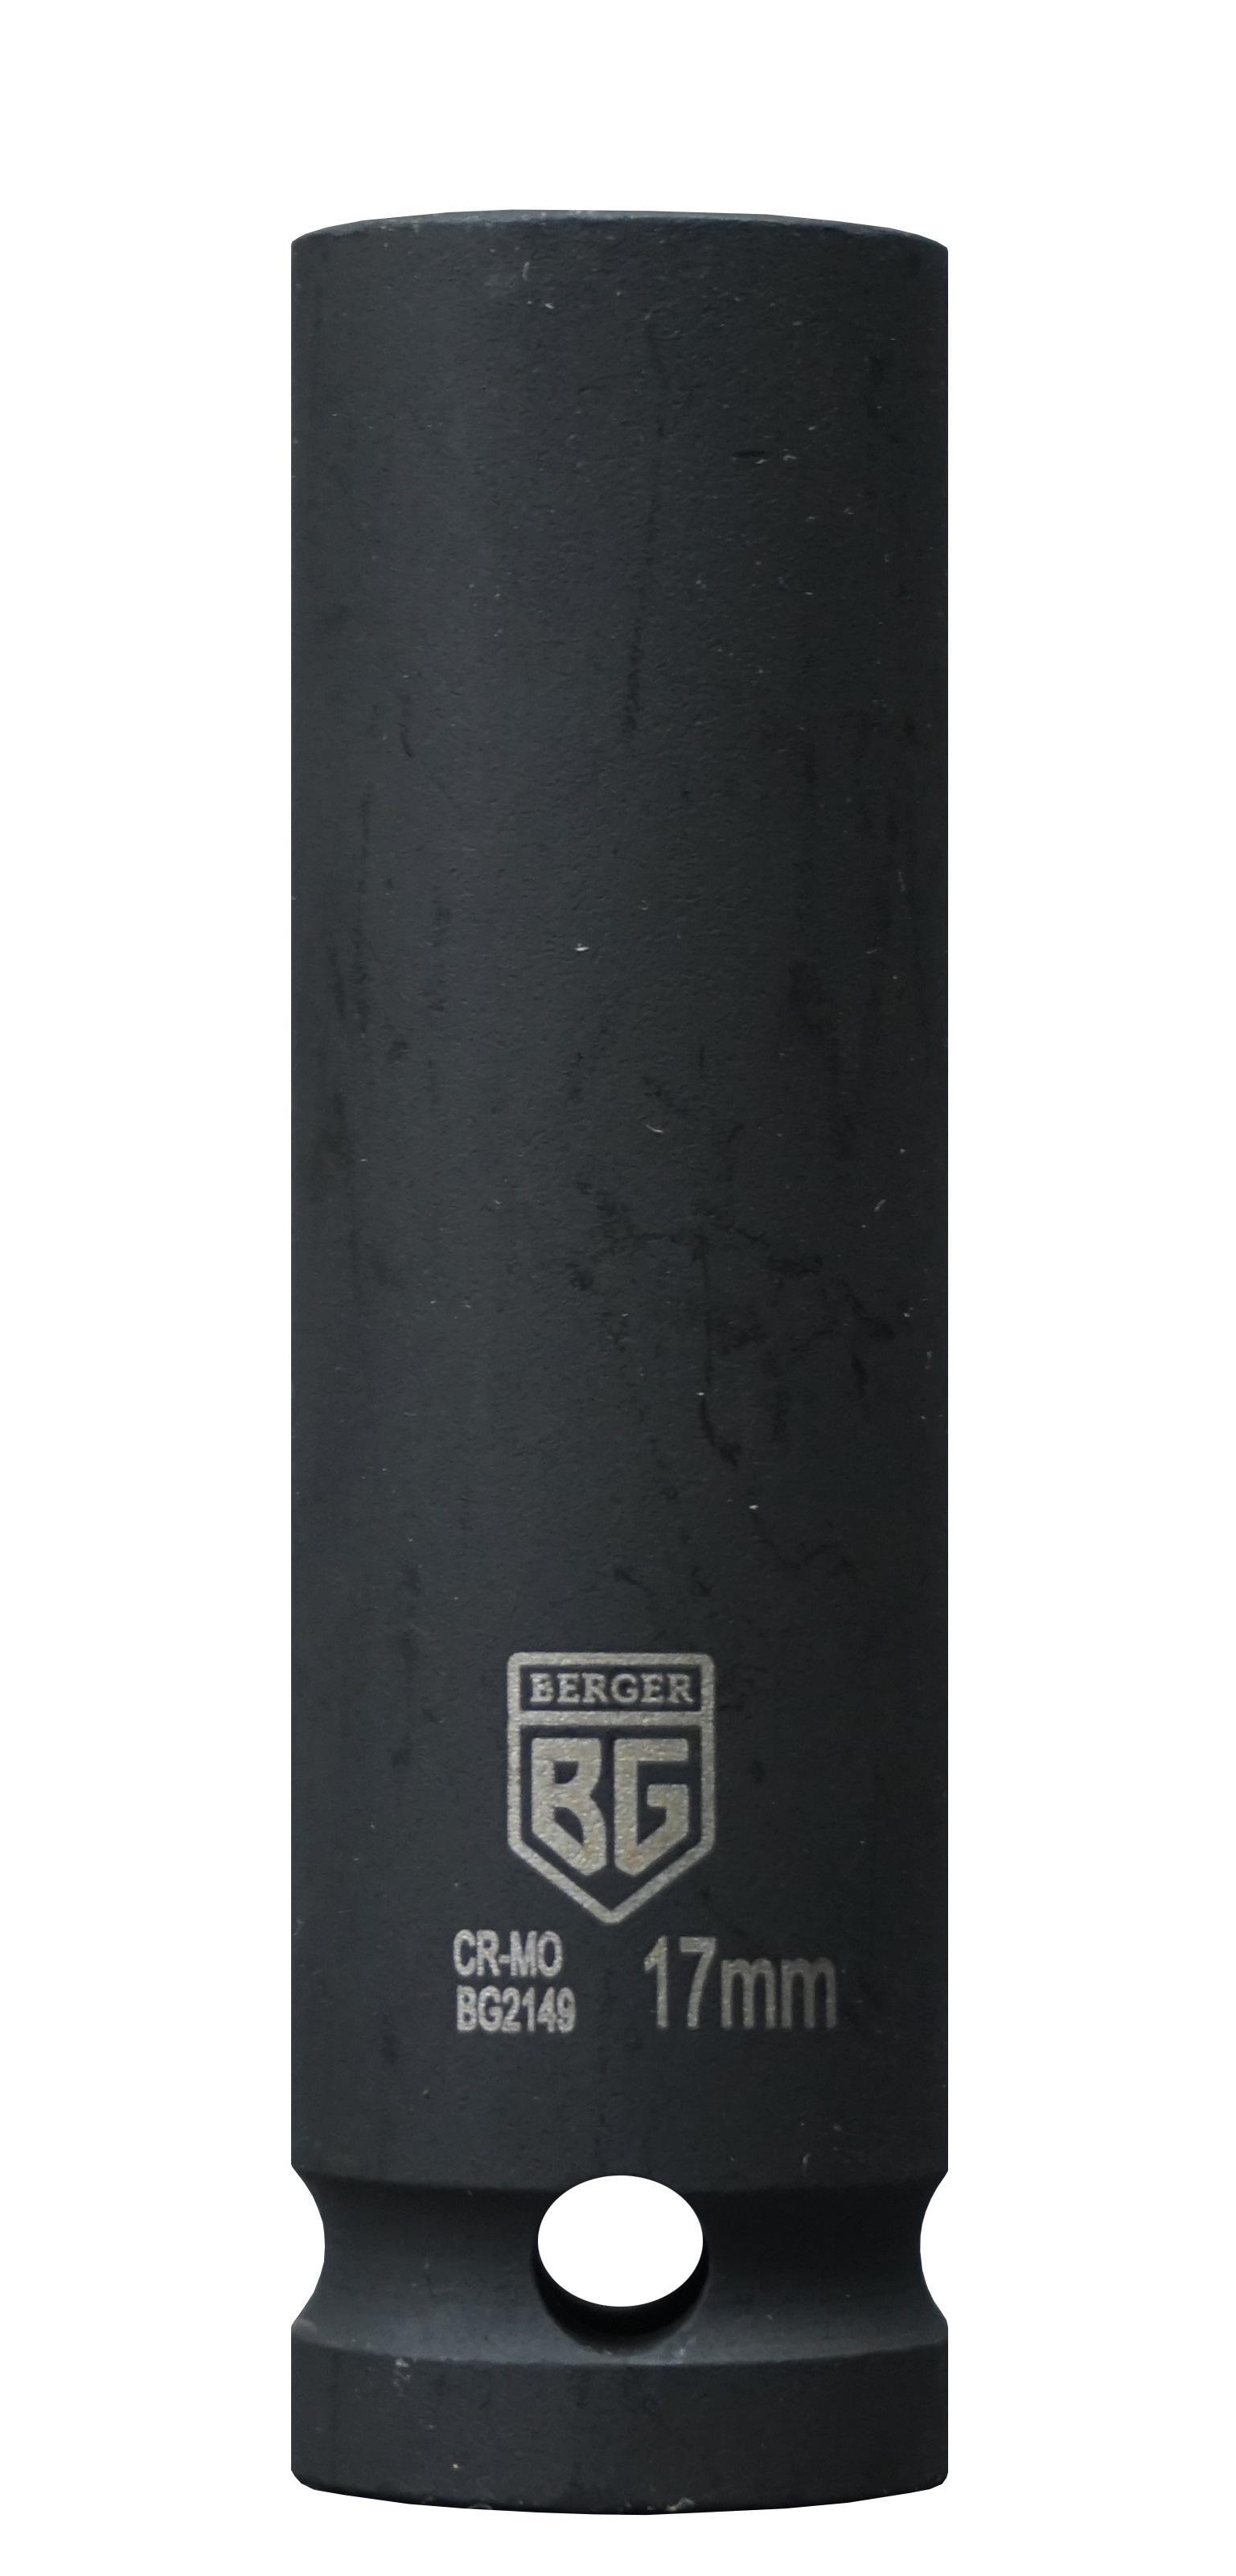 Купить Головка торцевая Berger Bg2149 1/2 17мм